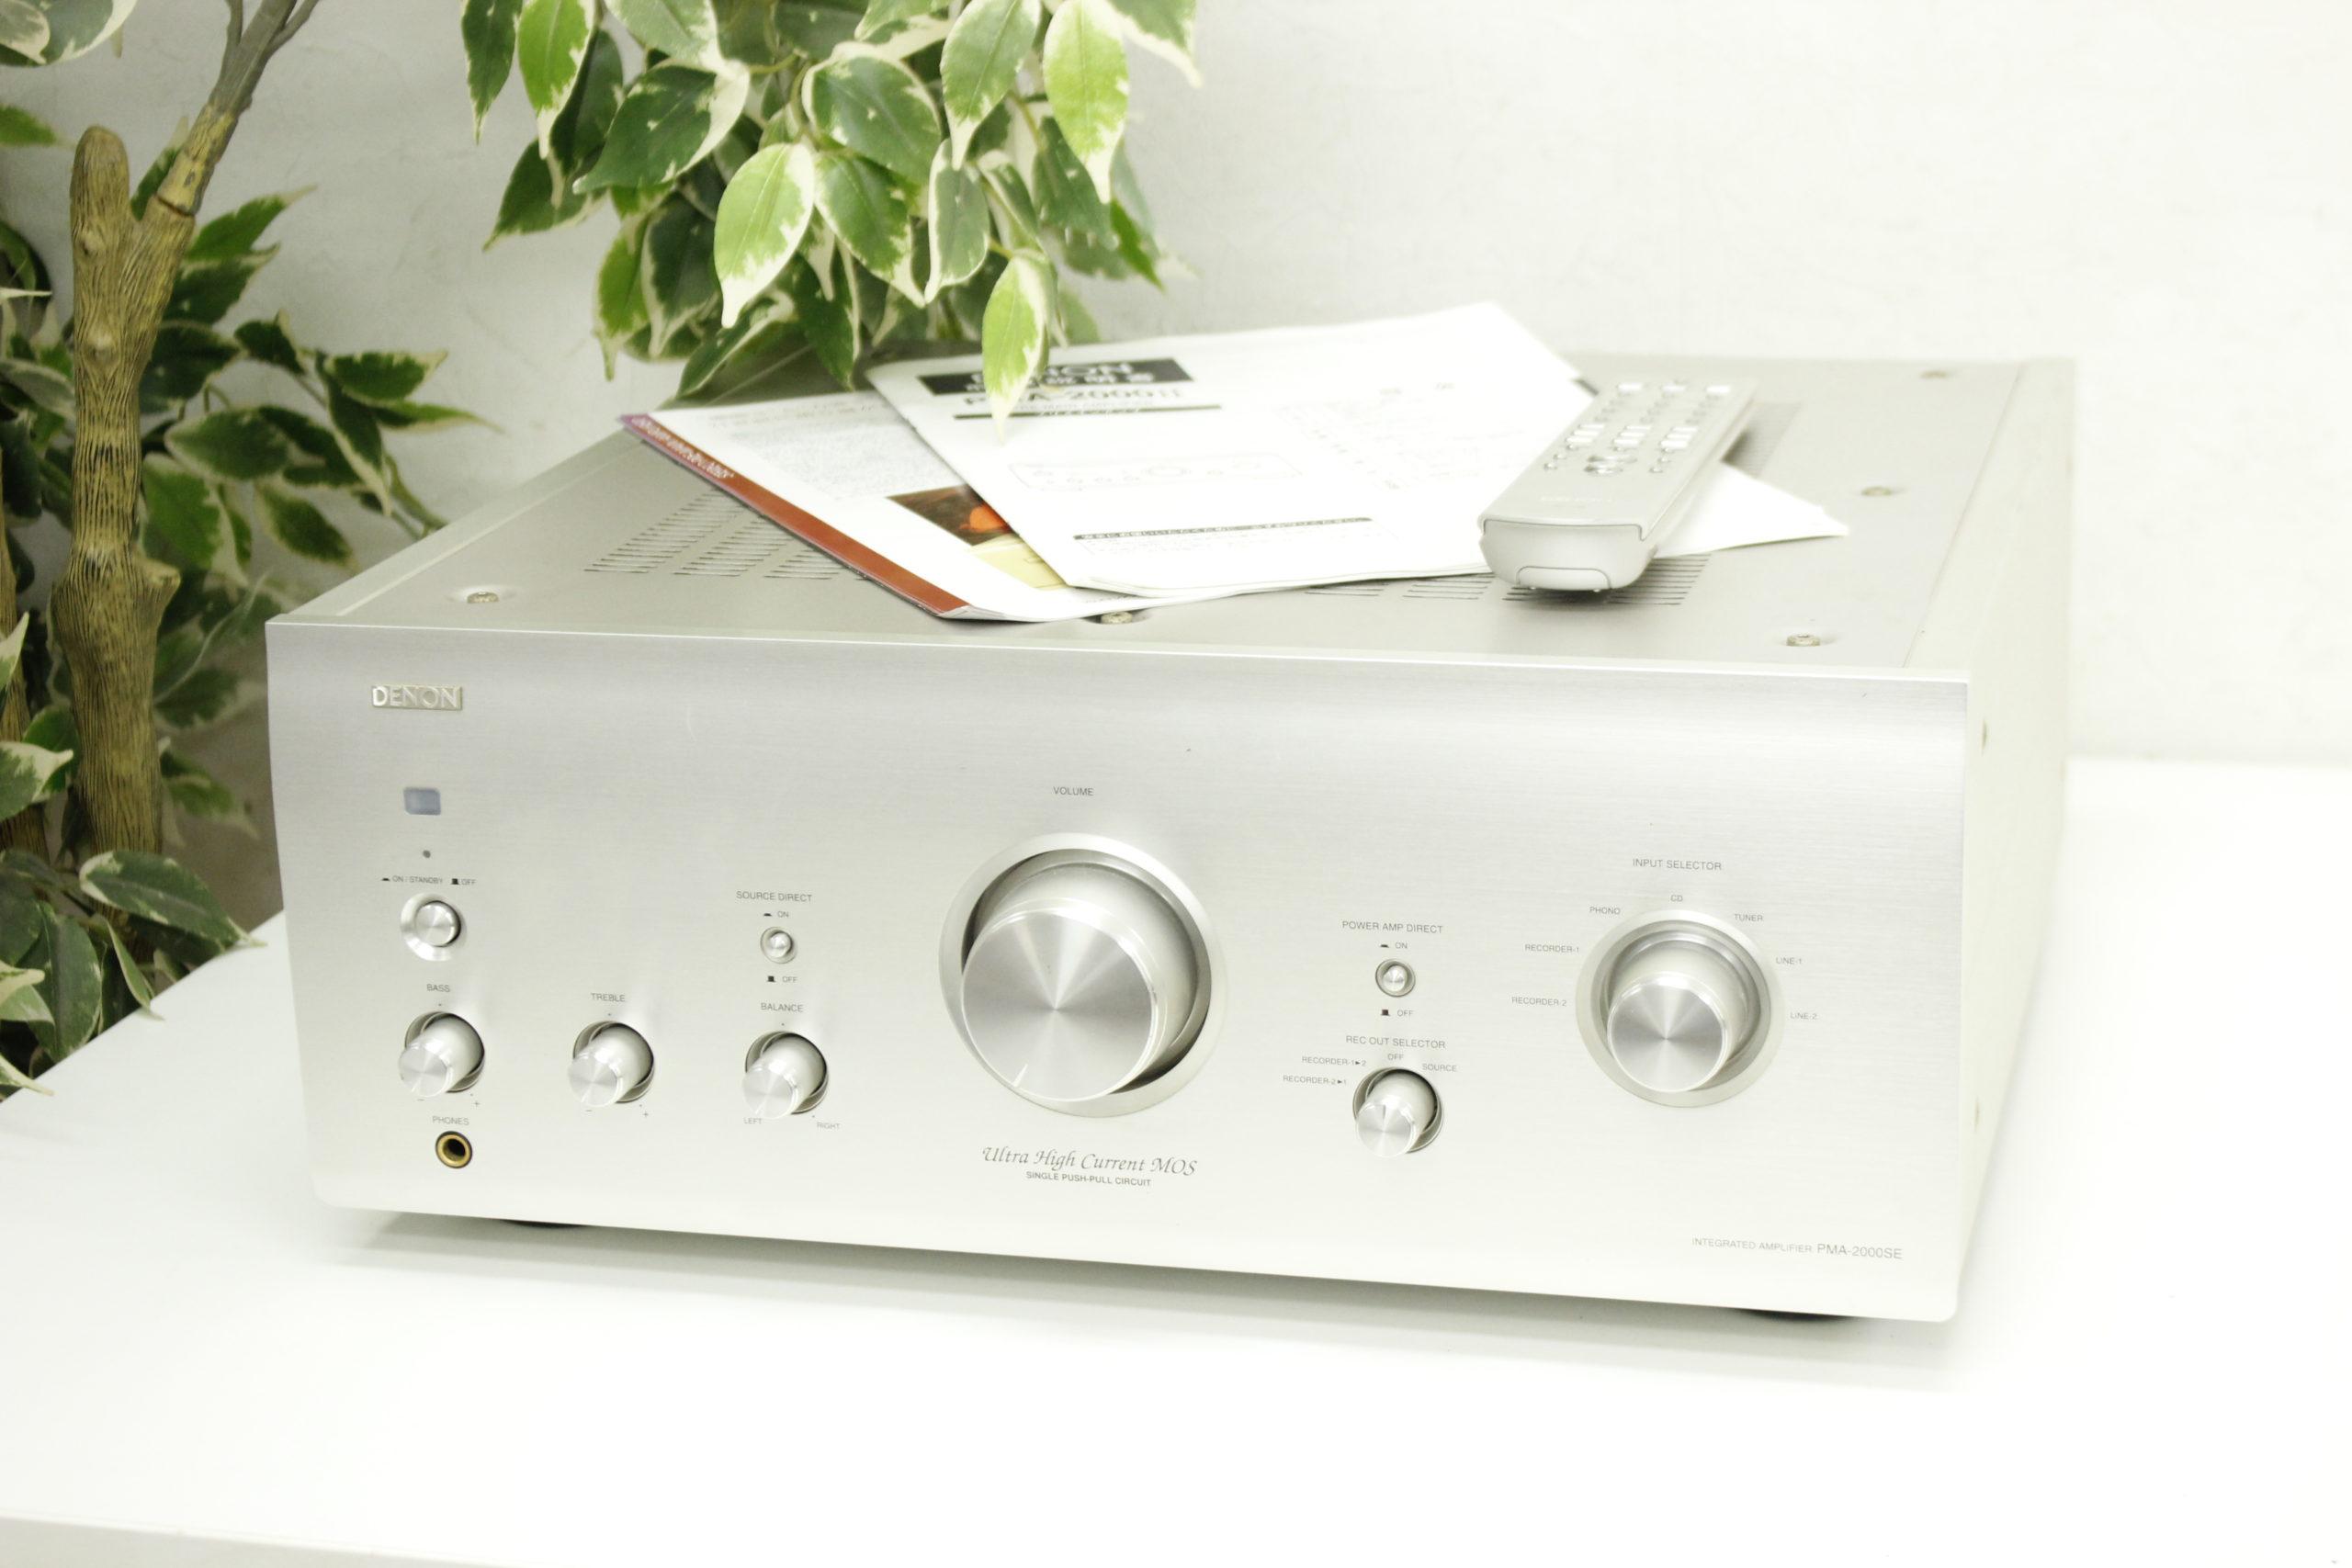 (福岡県糸島市) DENON プリメインアンプ PMA-2000SE オーディオ機器 音響機材 買取致します♪の買取-